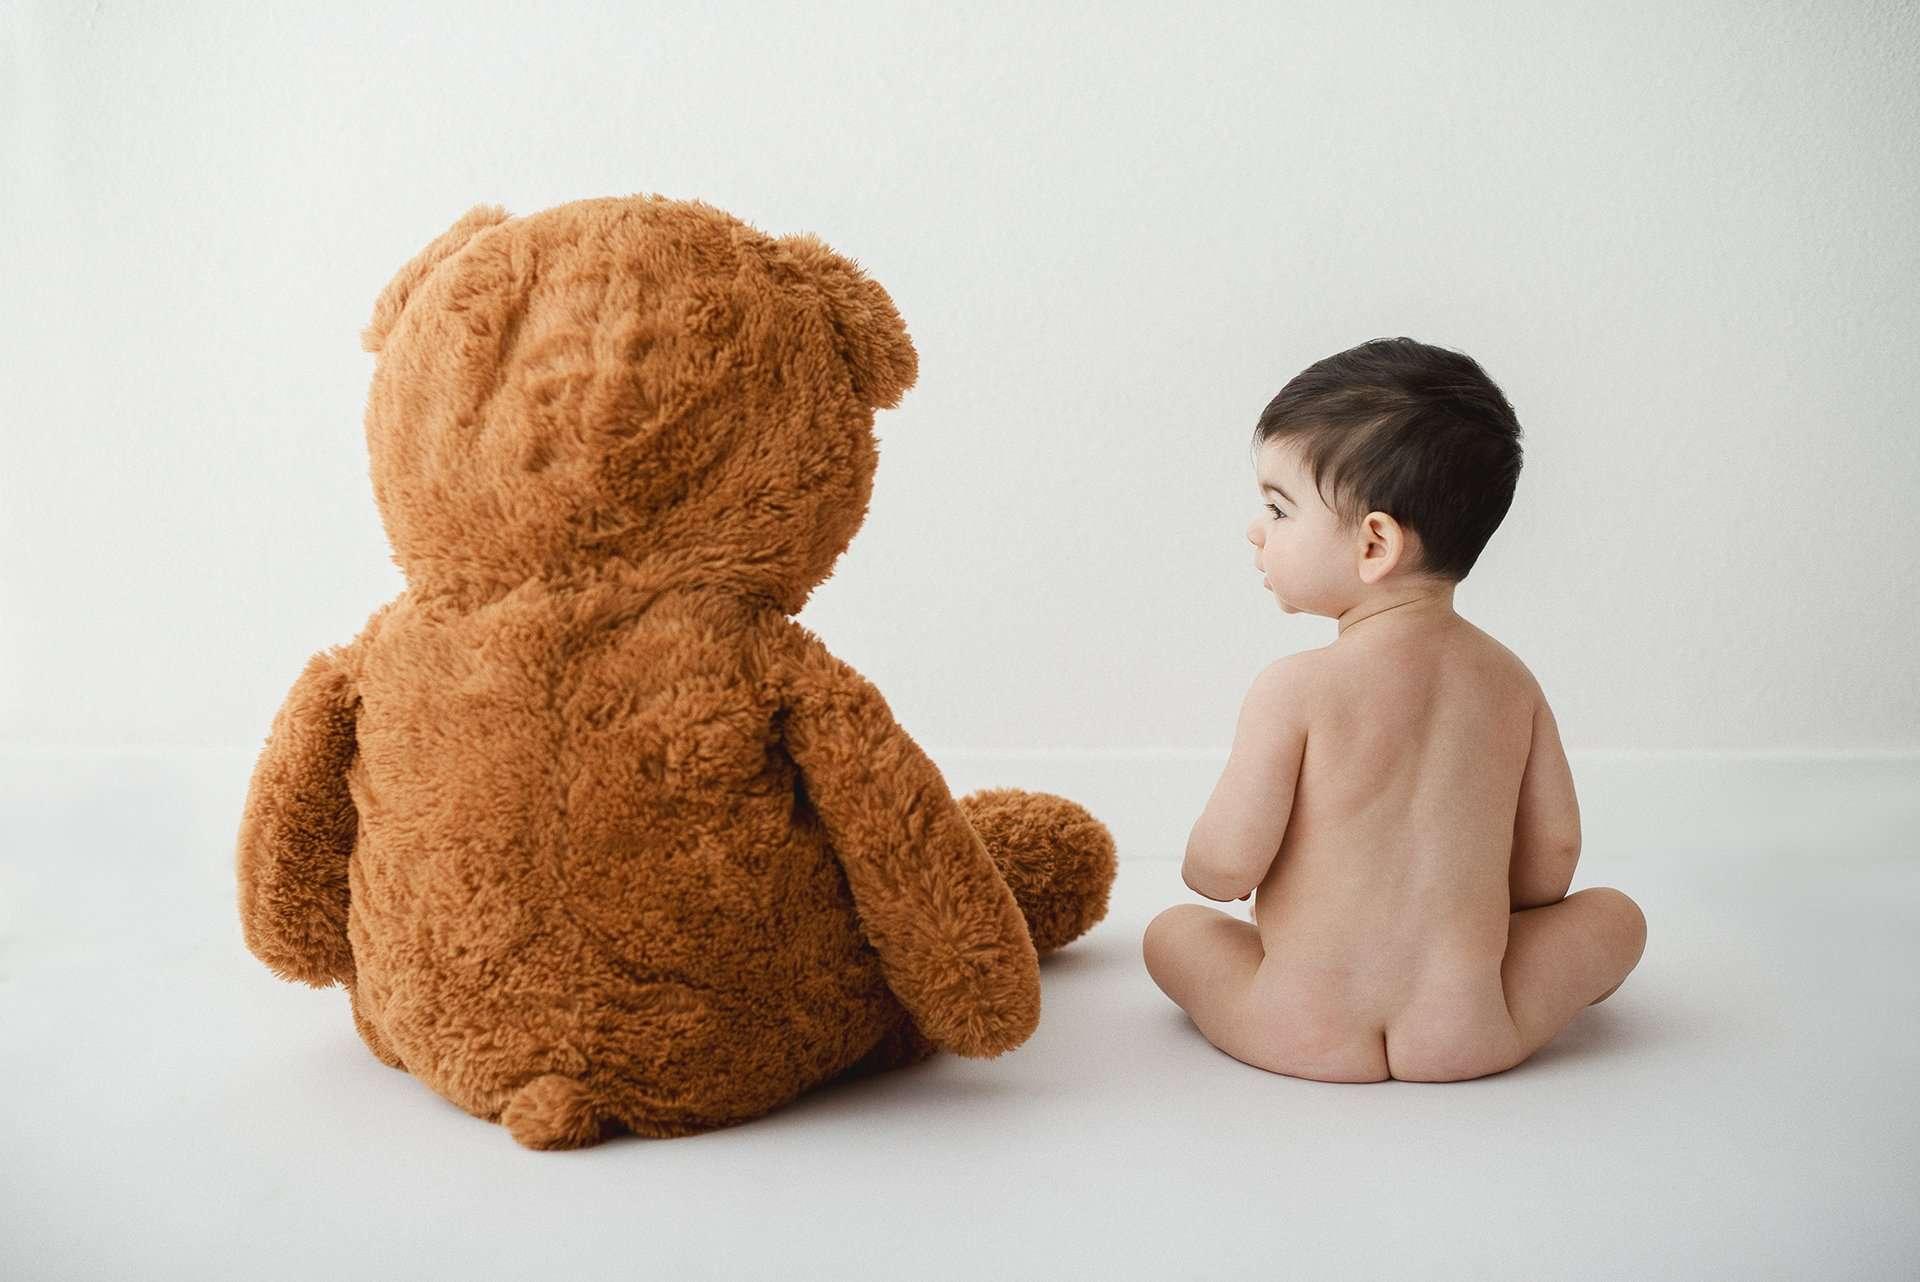 Fotografia bambino di spalle con orsachiotto realizzata da Barbara Trincone Fotografo specializzato in Gravidanza, Maternità, Genitorialità, Nascita e Newborn